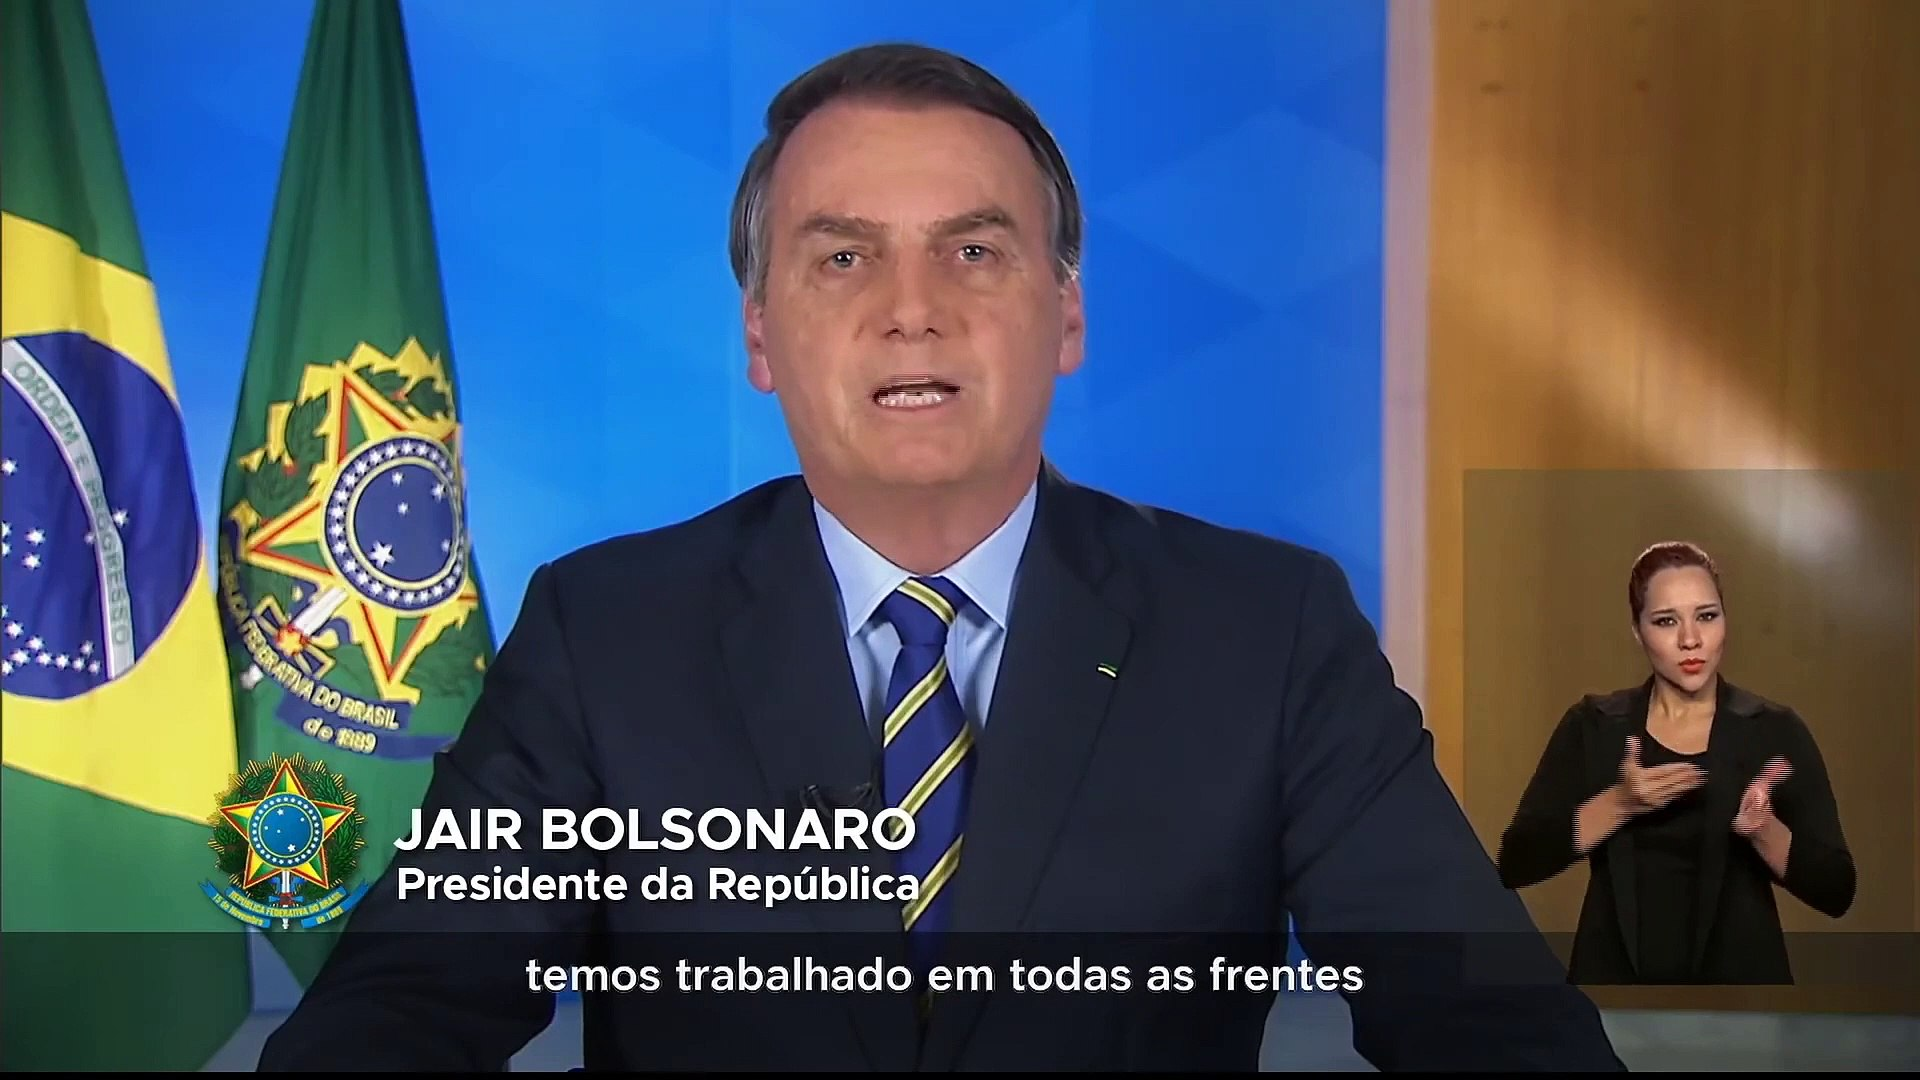 Pronunciamento Oficial do Presidente da República, Jair Bolsonaro 31/03/20